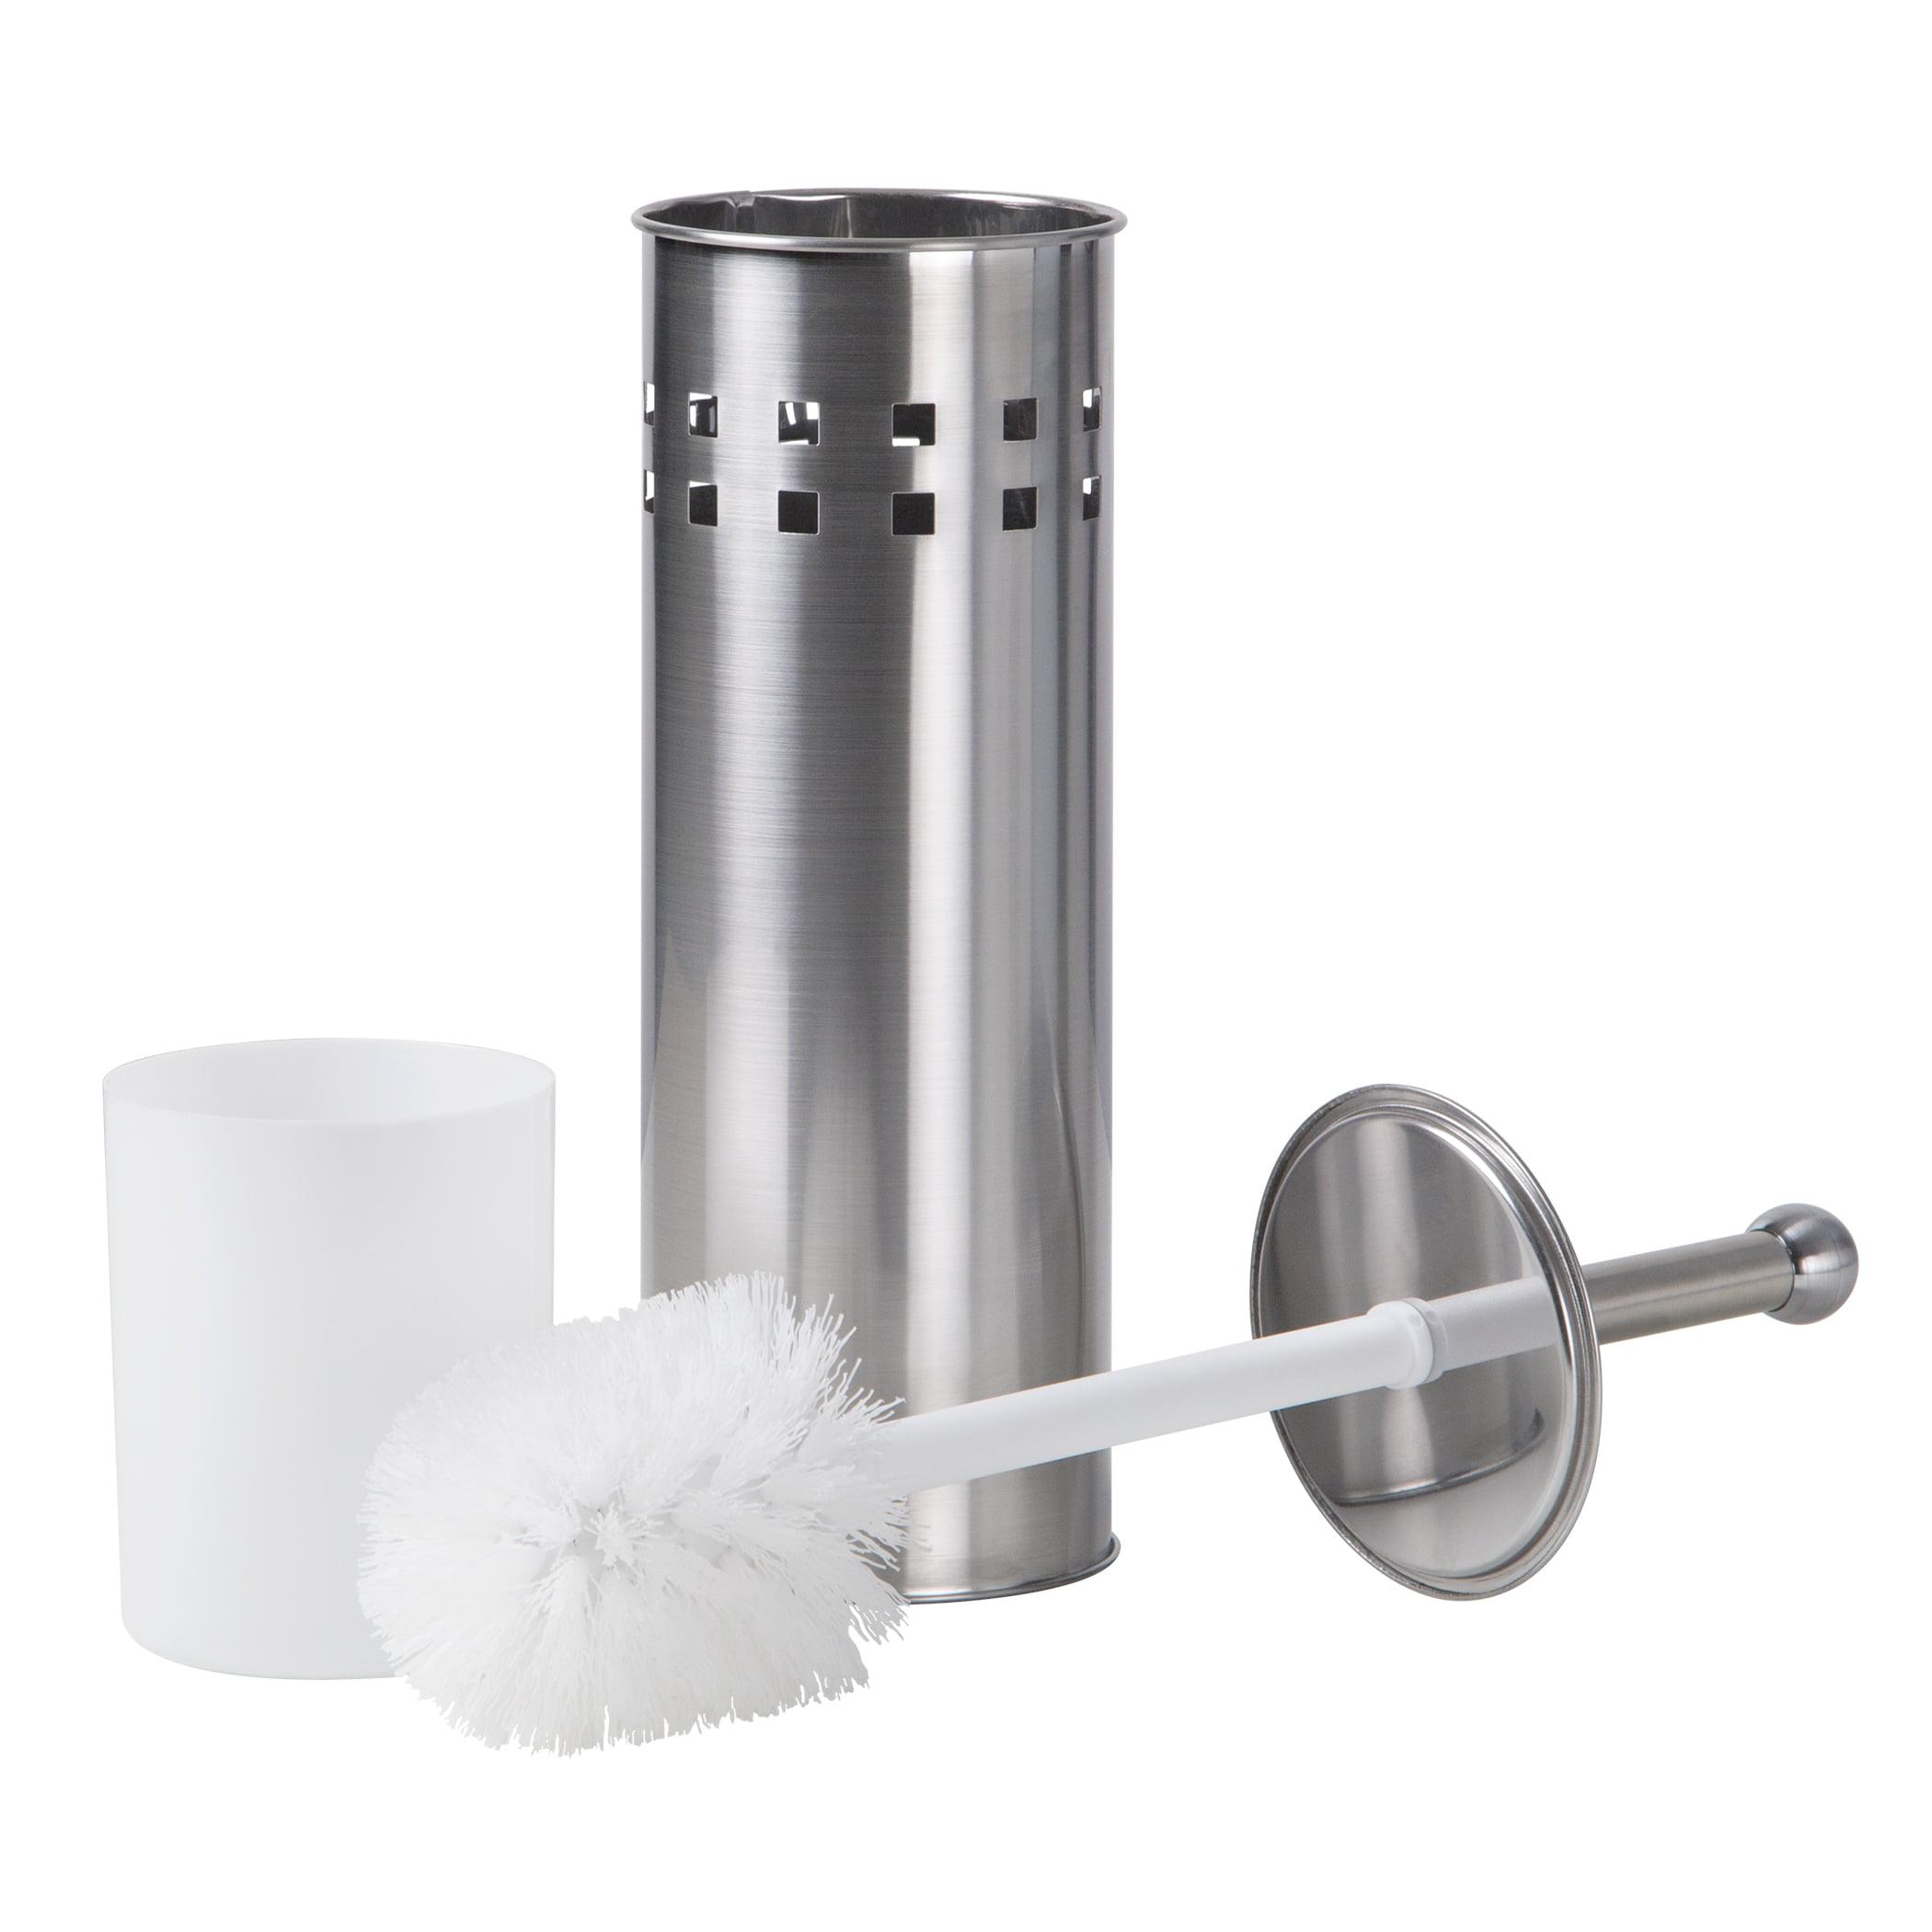 Toilet Brush Holder Vented Stainless Steel Bathroom Bowl